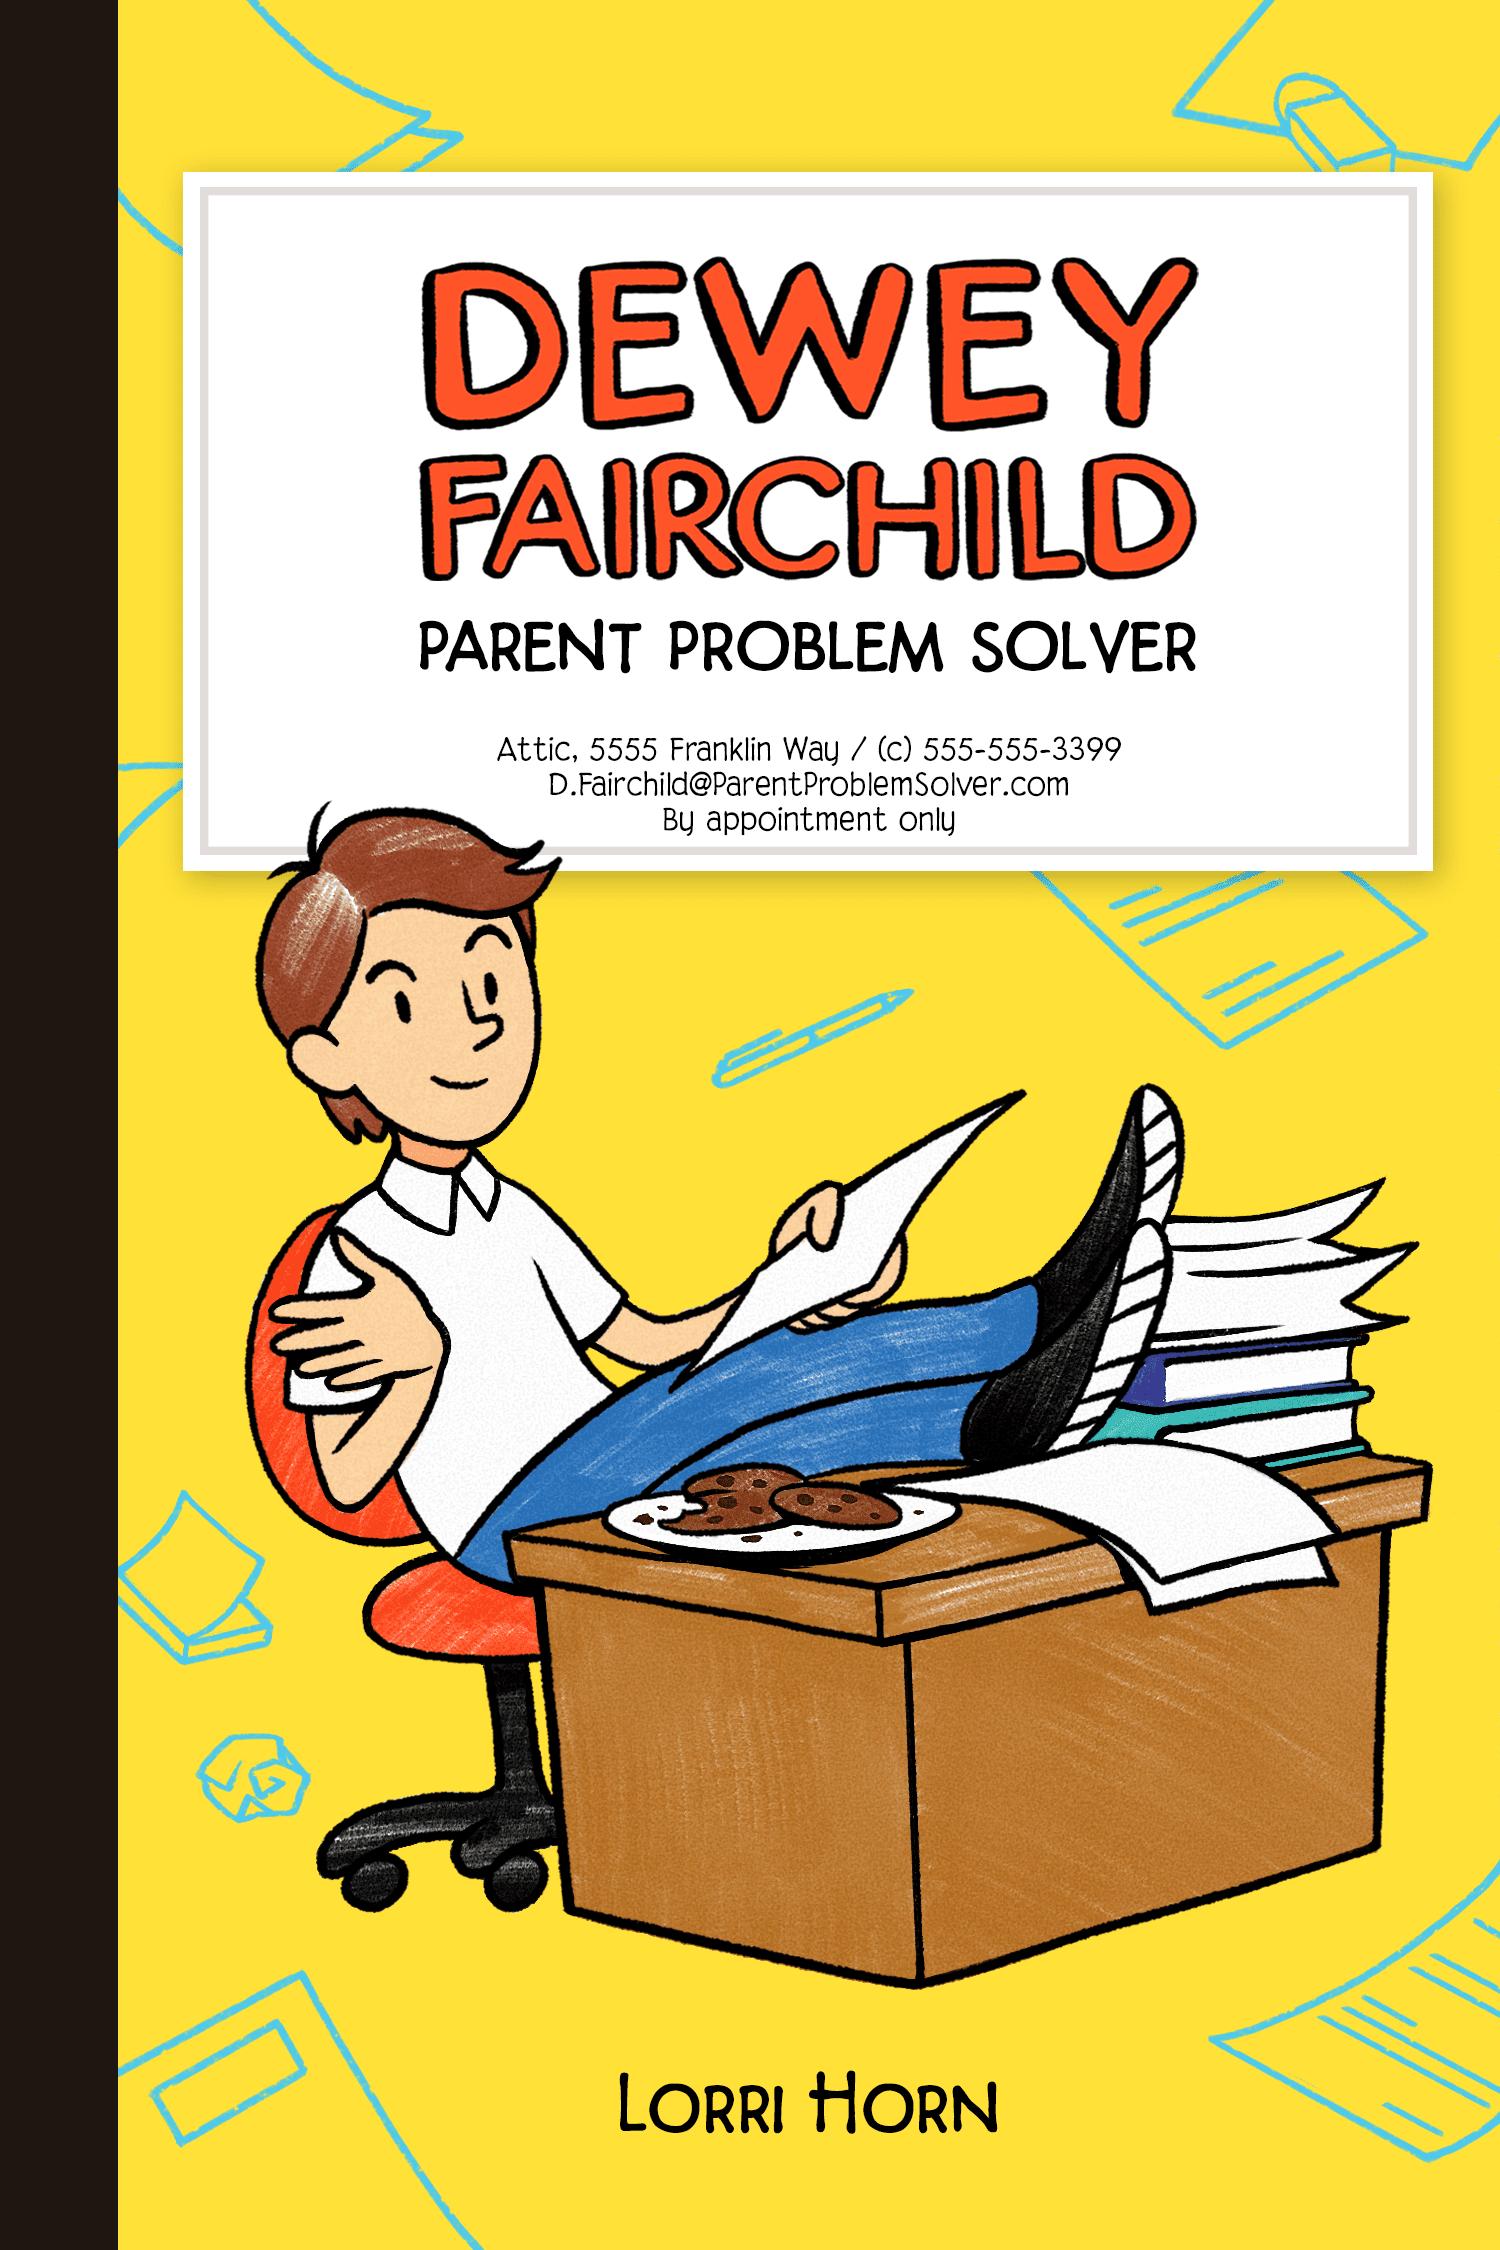 Dewey Fairchild: Parent Problem Solver